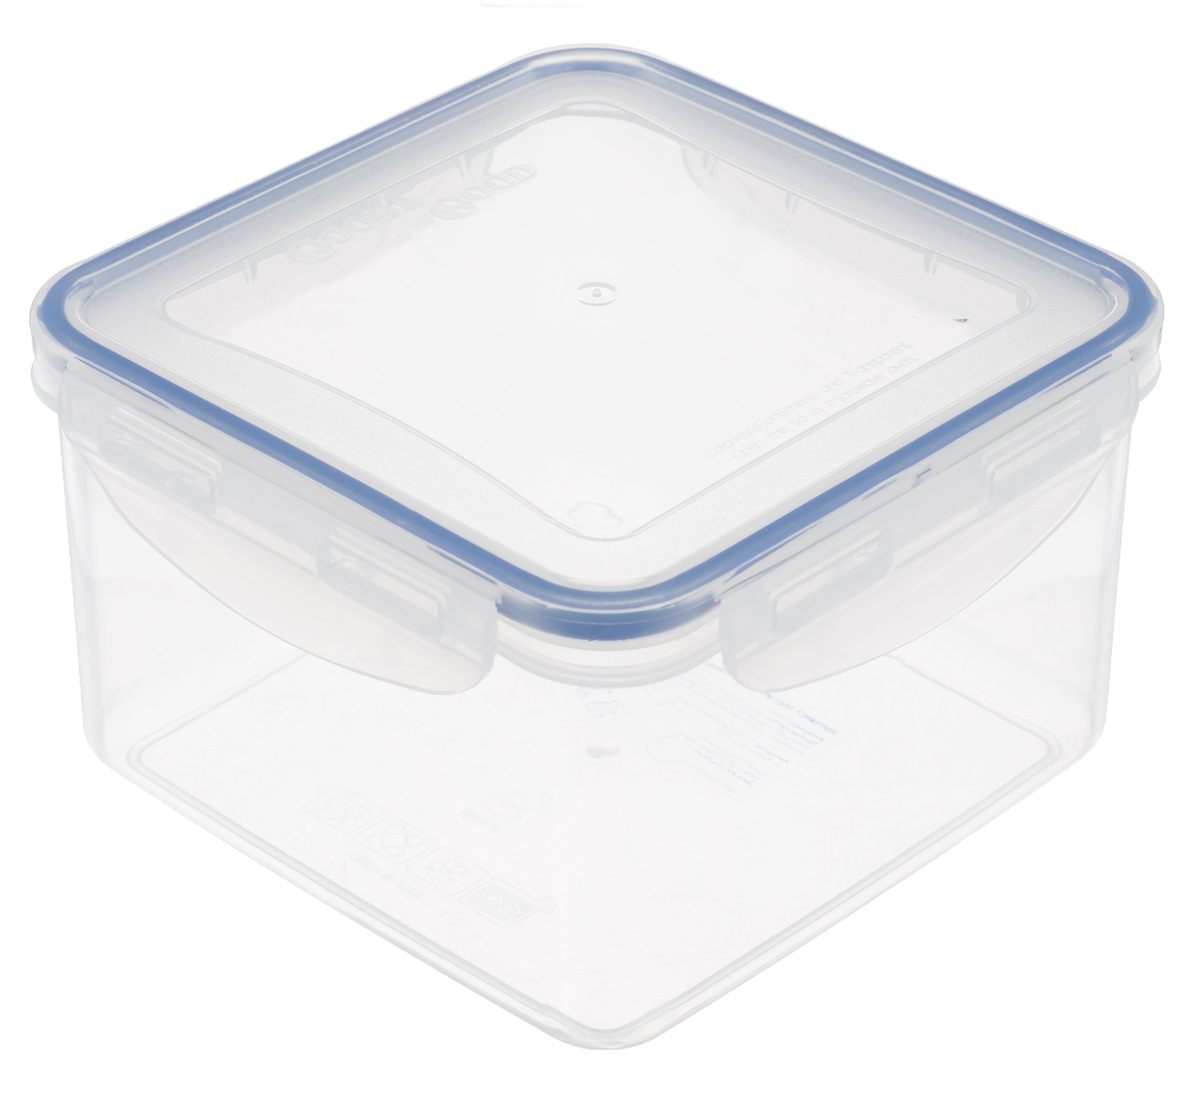 Контейнер Good&Good, цвет: прозрачный, синий, 1,25 лS2-2Квадратный контейнер Good&Good изготовлен из высококачественного полипропилена и предназначен для хранения любых пищевых продуктов. Благодаря особым технологиям изготовления, лотки в течении времени службы не меняют цвет и не пропитываются запахами. Крышка с силиконовой вставкой герметично защелкивается специальным механизмом. Контейнер Good&Good удобен для ежедневного использования в быту.Можно мыть в посудомоечной машине.Размер контейнера (с учетом крышки): 15 см х 15 см х 9 см.